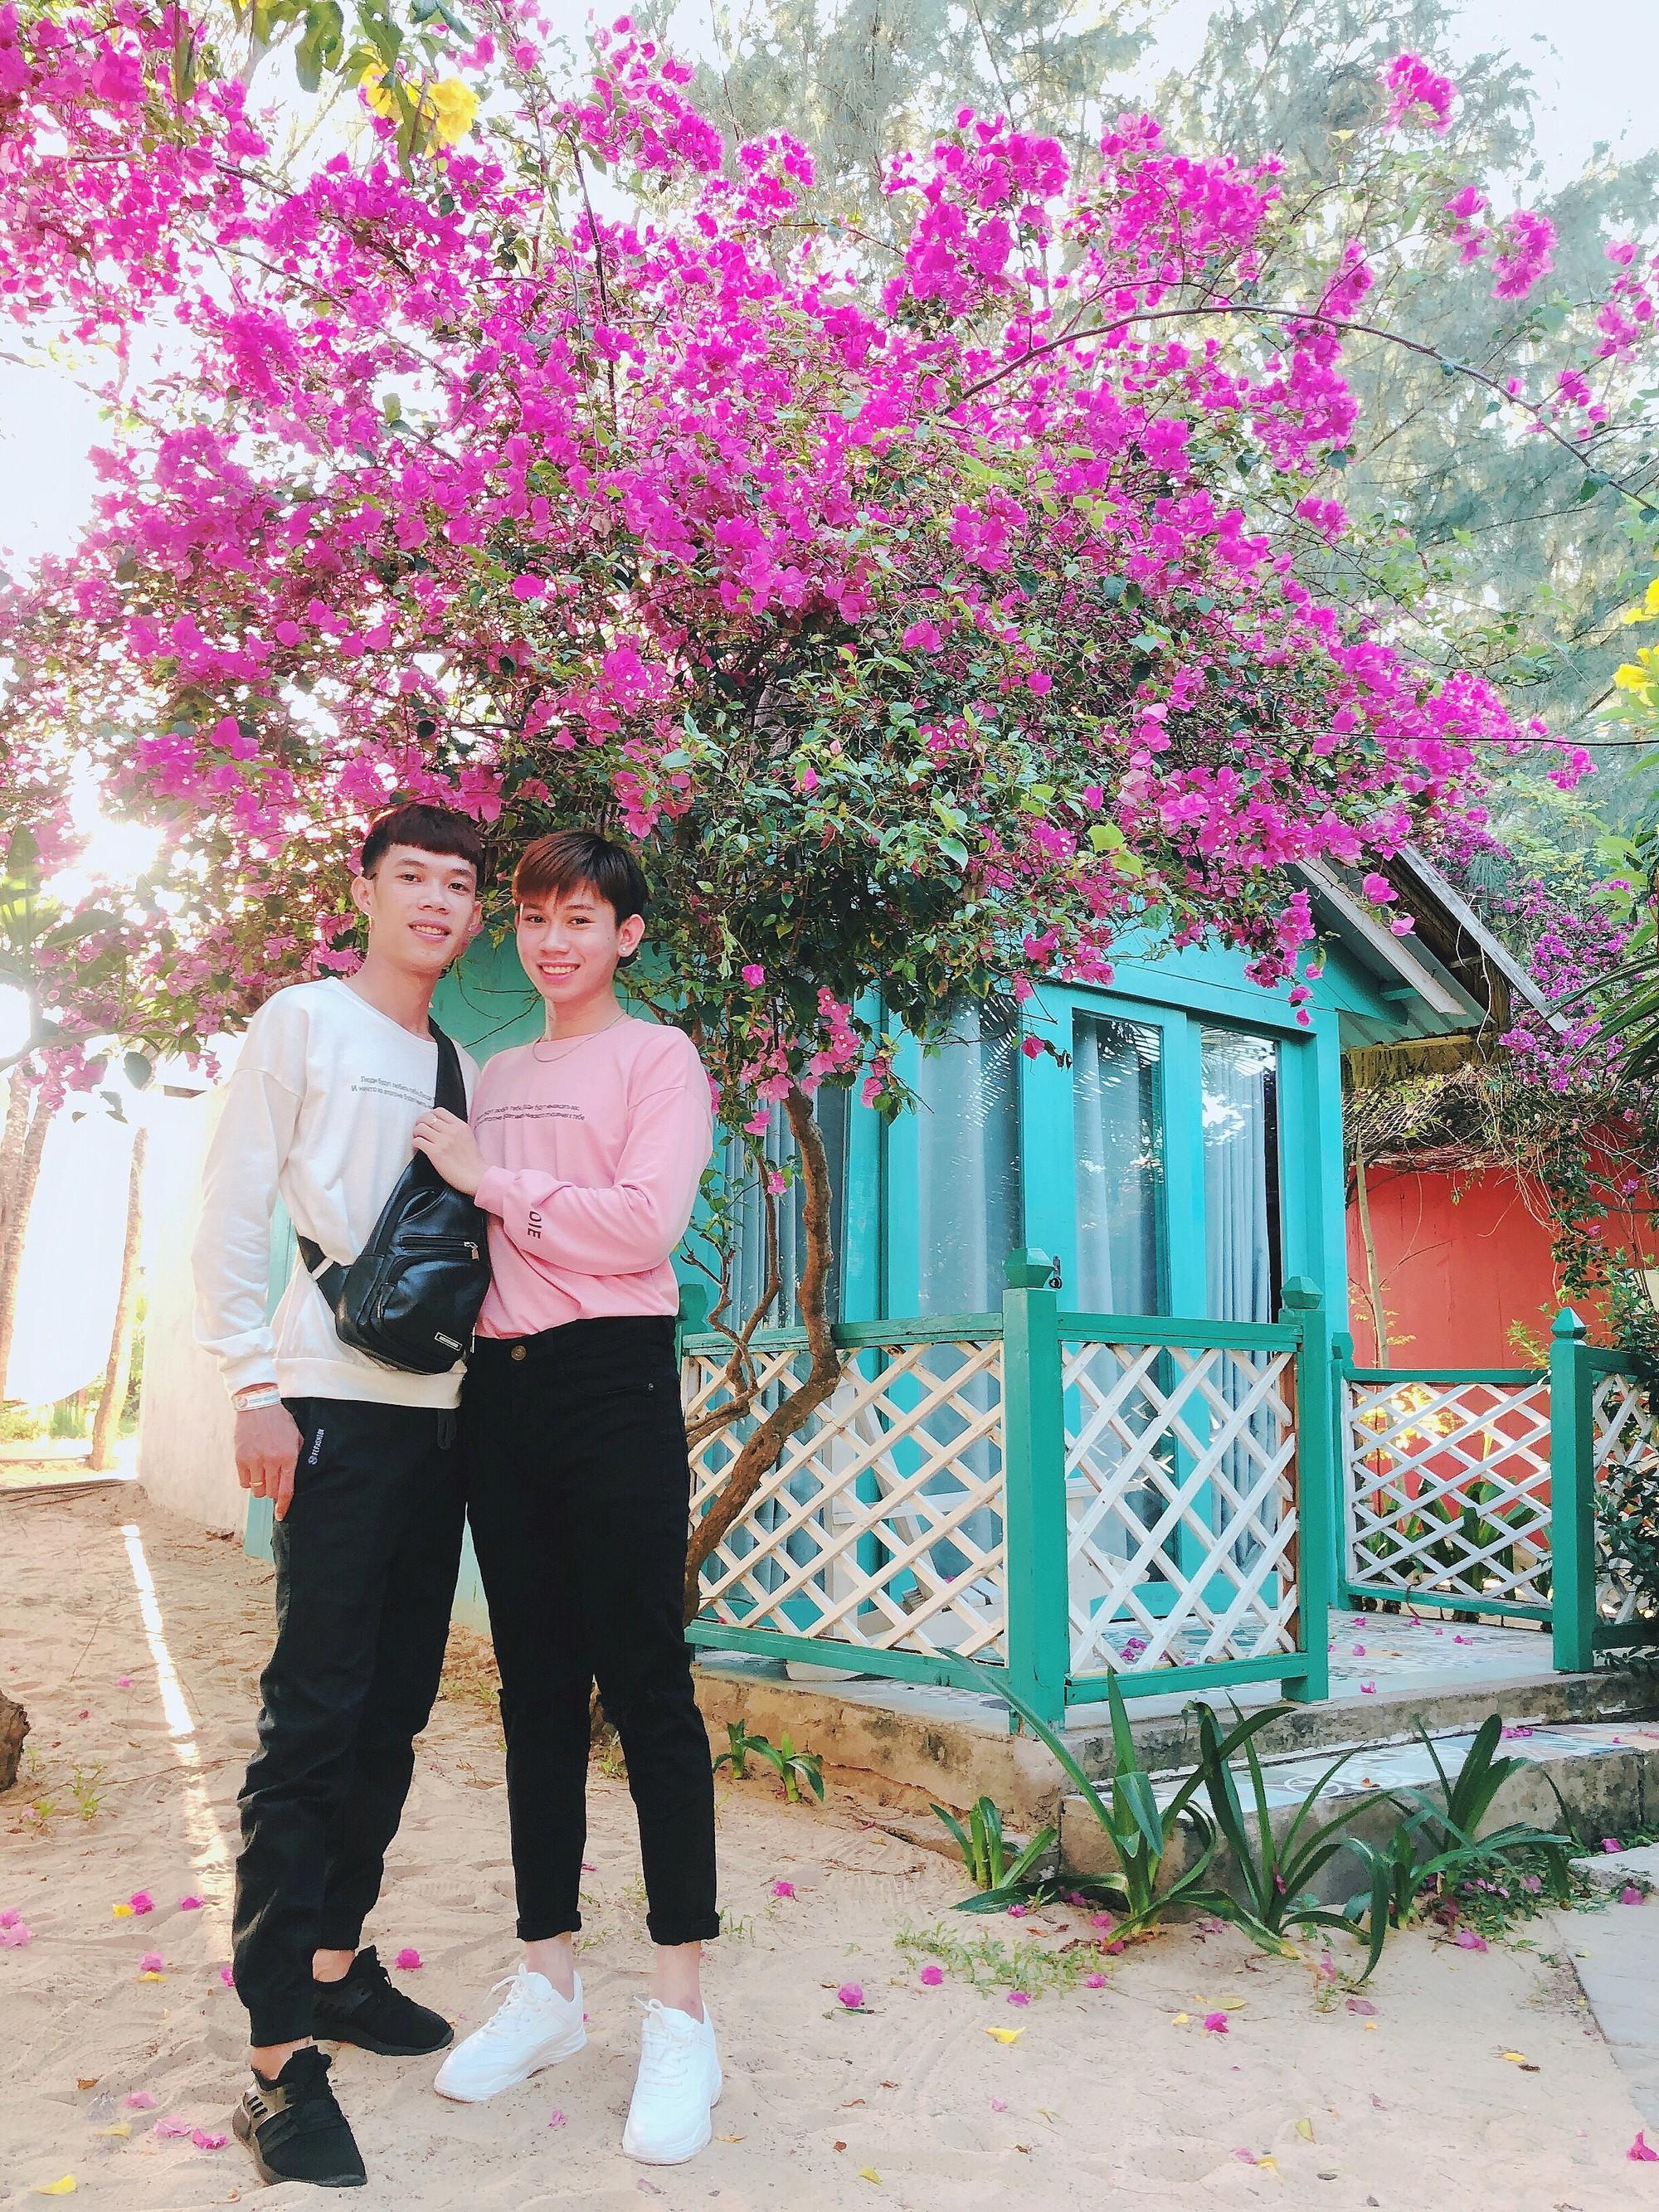 Cặp đôi đồng tính gây sốt với bộ ảnh đẹp như hoa cùng những khoảnh khắc ngọt ngào - Ảnh 1.